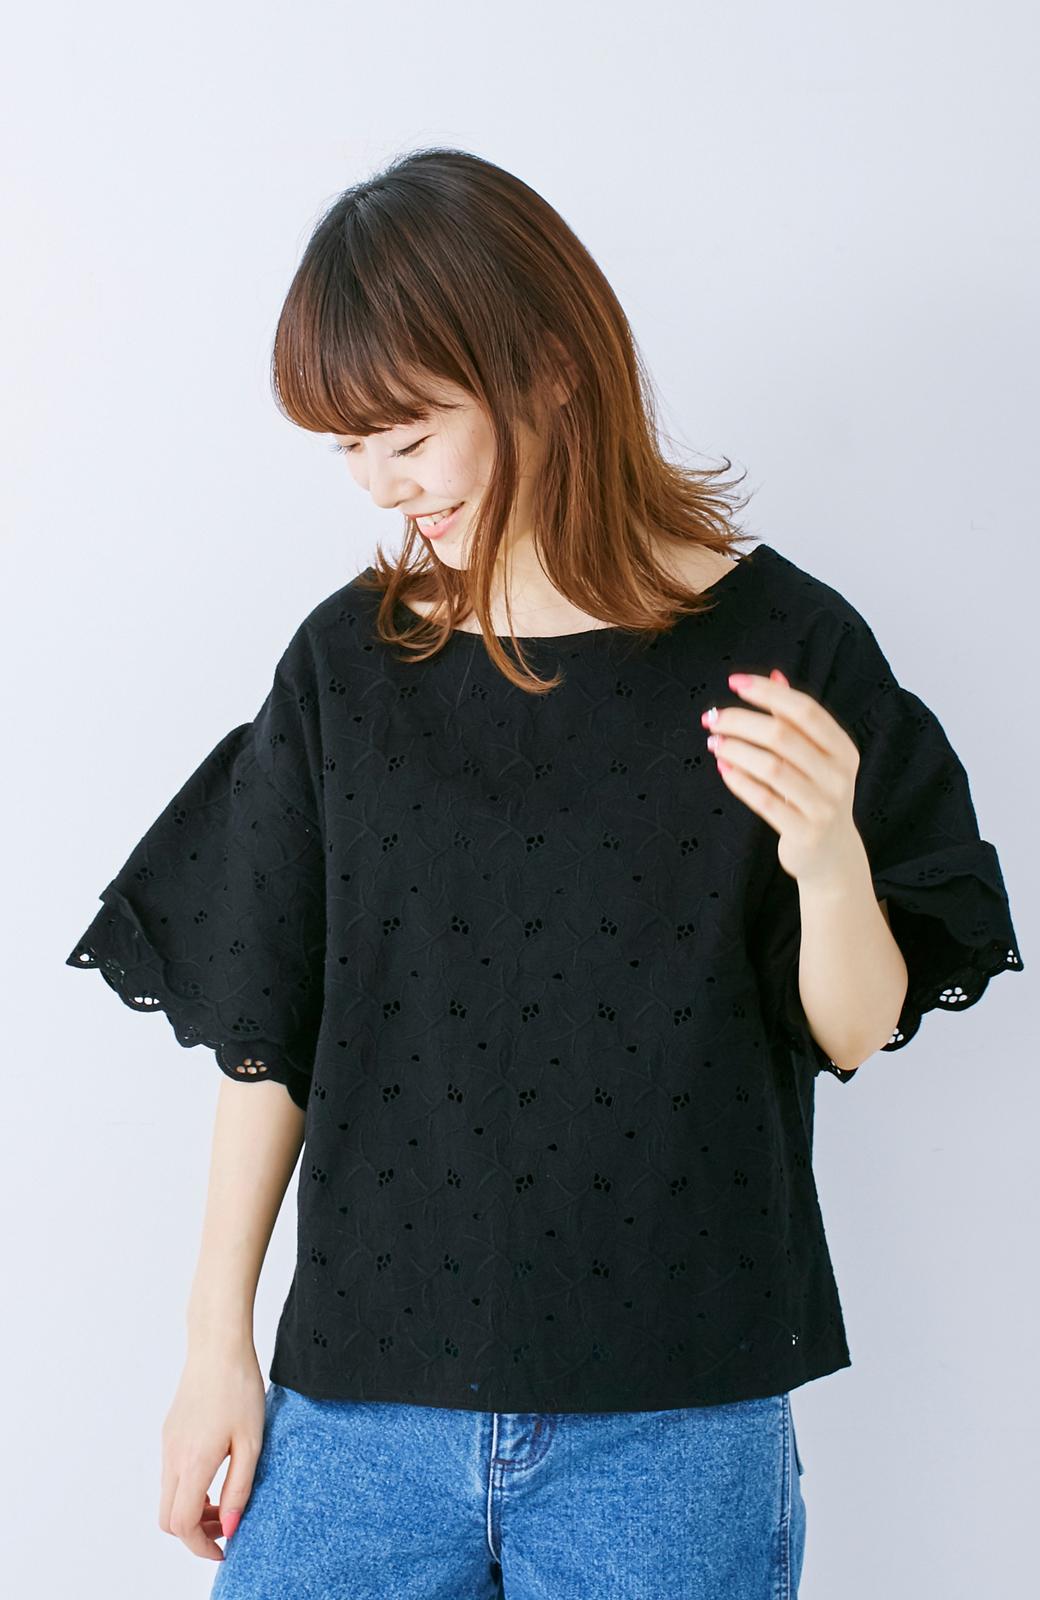 エムトロワ Tシャツ感覚で着られる フラワーレースのティアードスリーブトップス <ブラック>の商品写真7